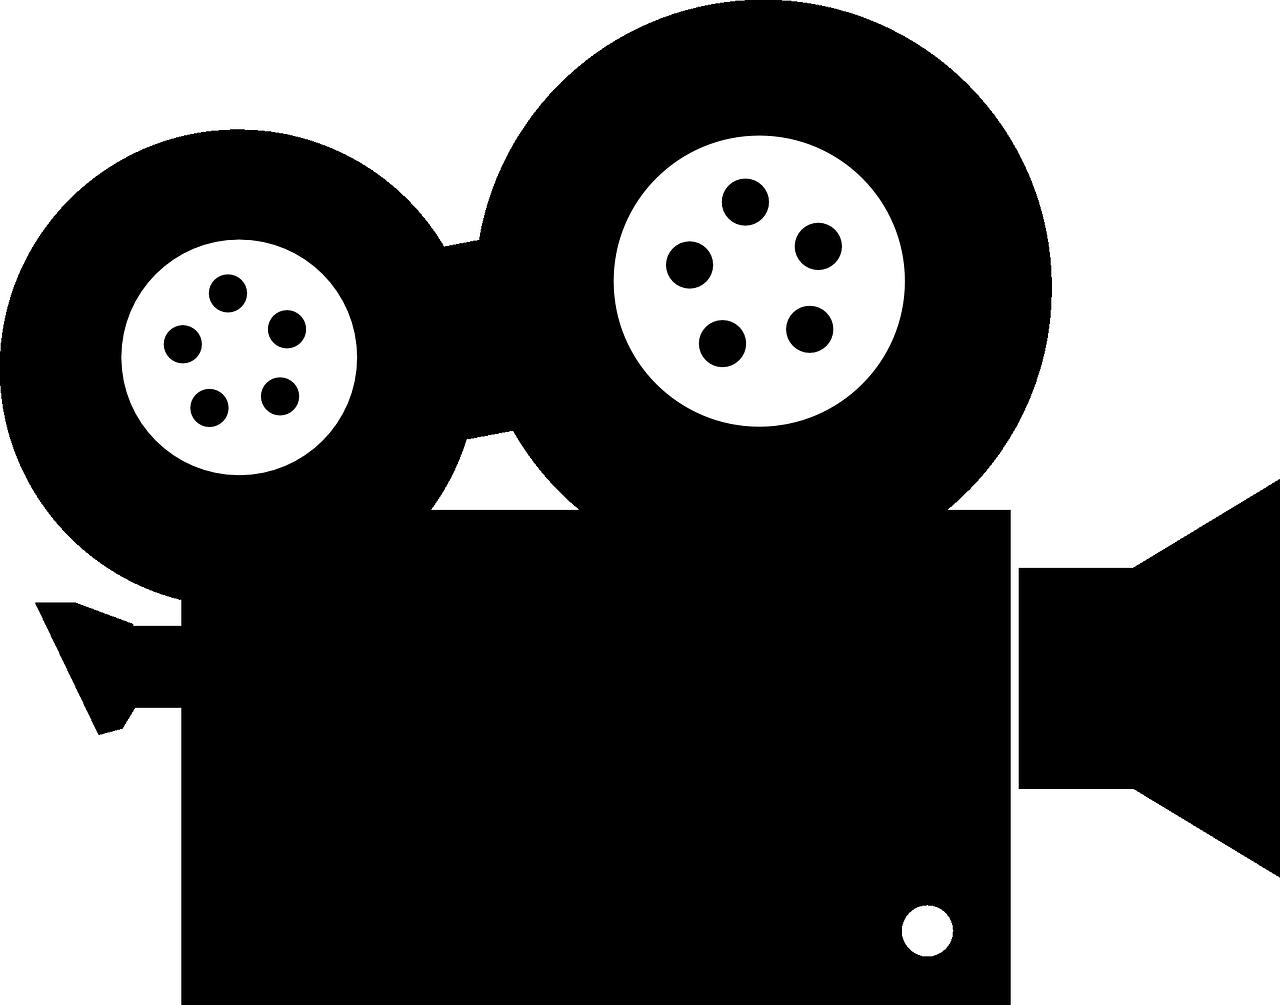 icon representing video camera